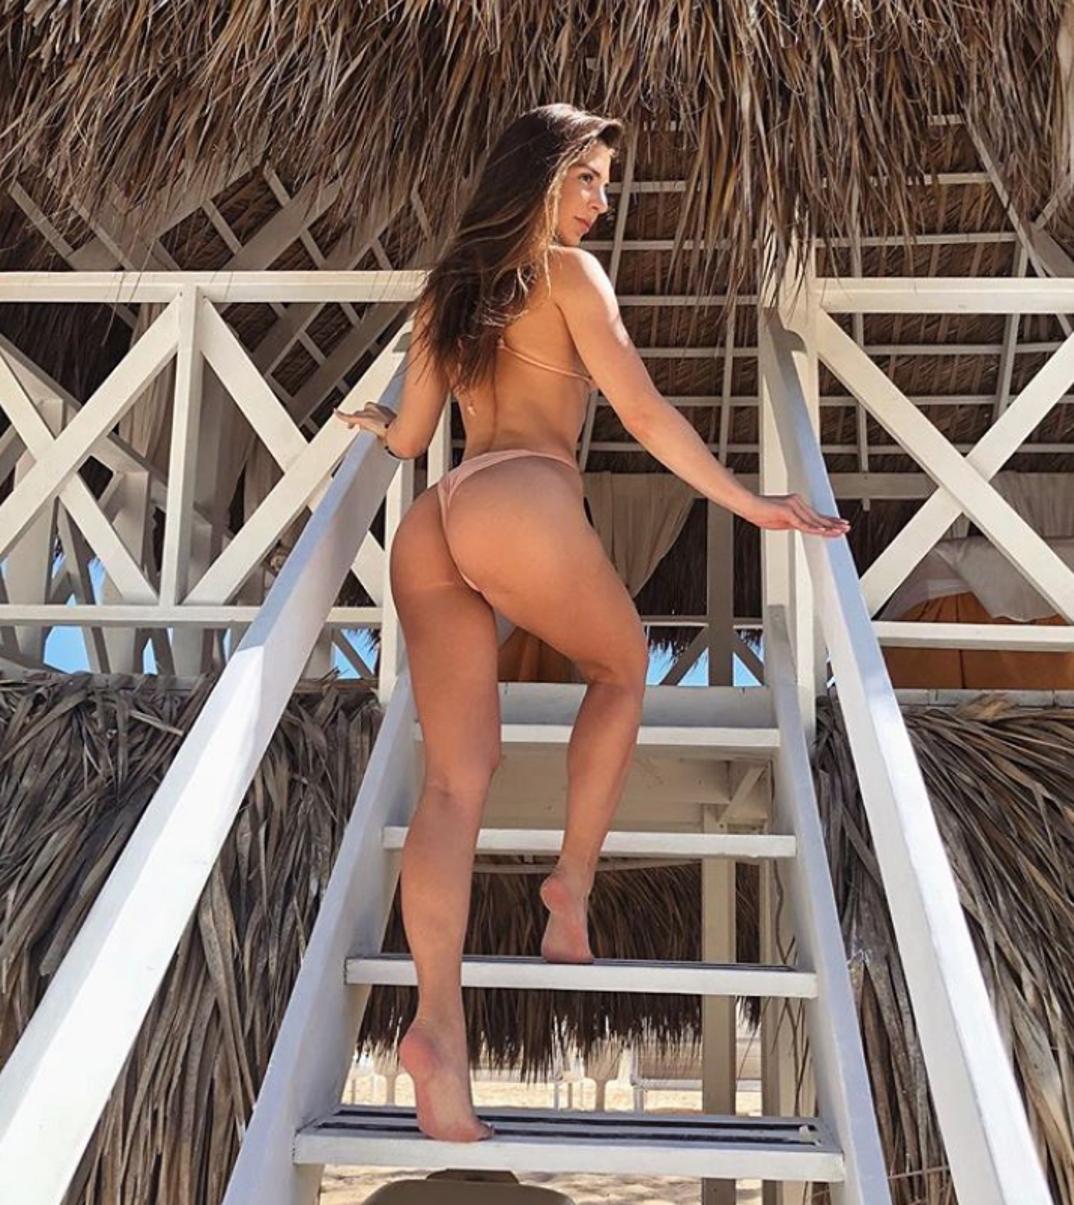 100 Photos of Anfisa Sexy